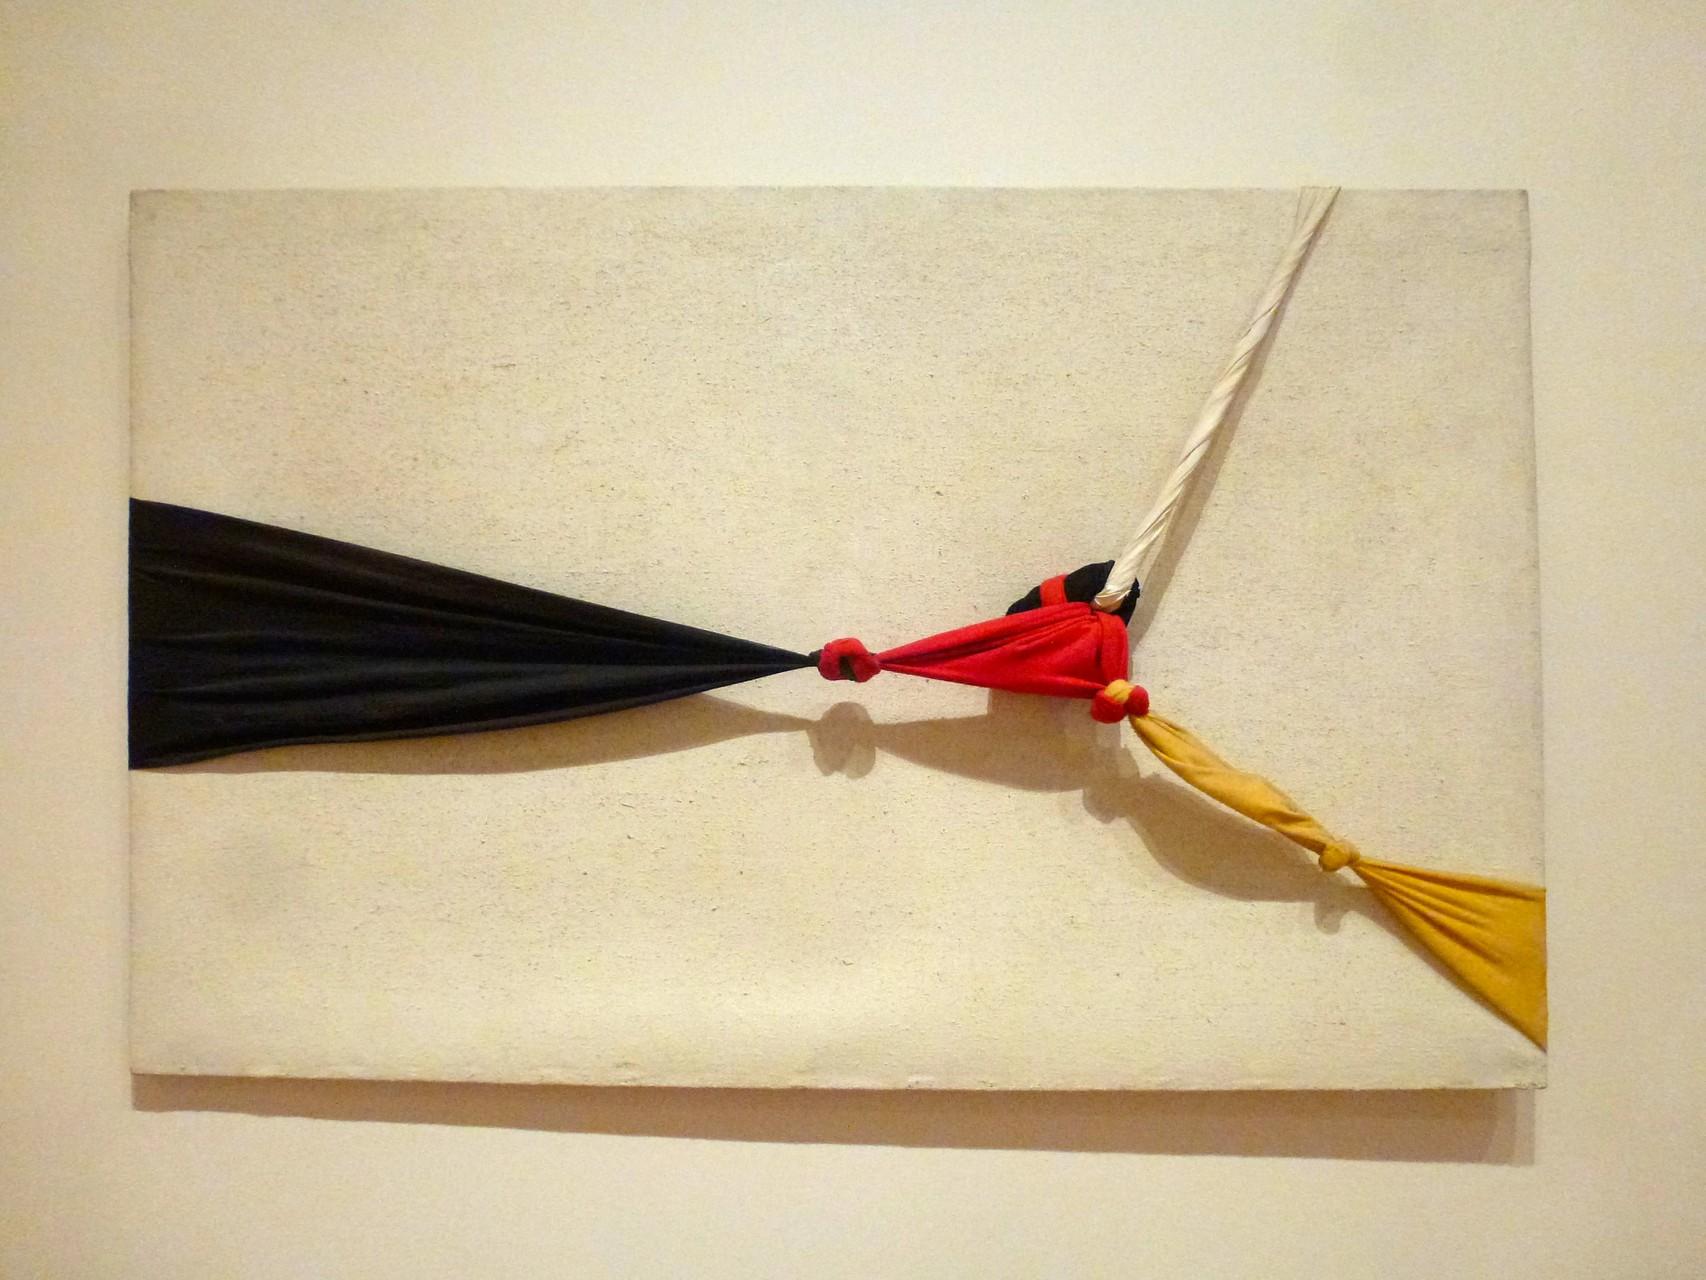 Jorge Eielson - White Quipus (1964)